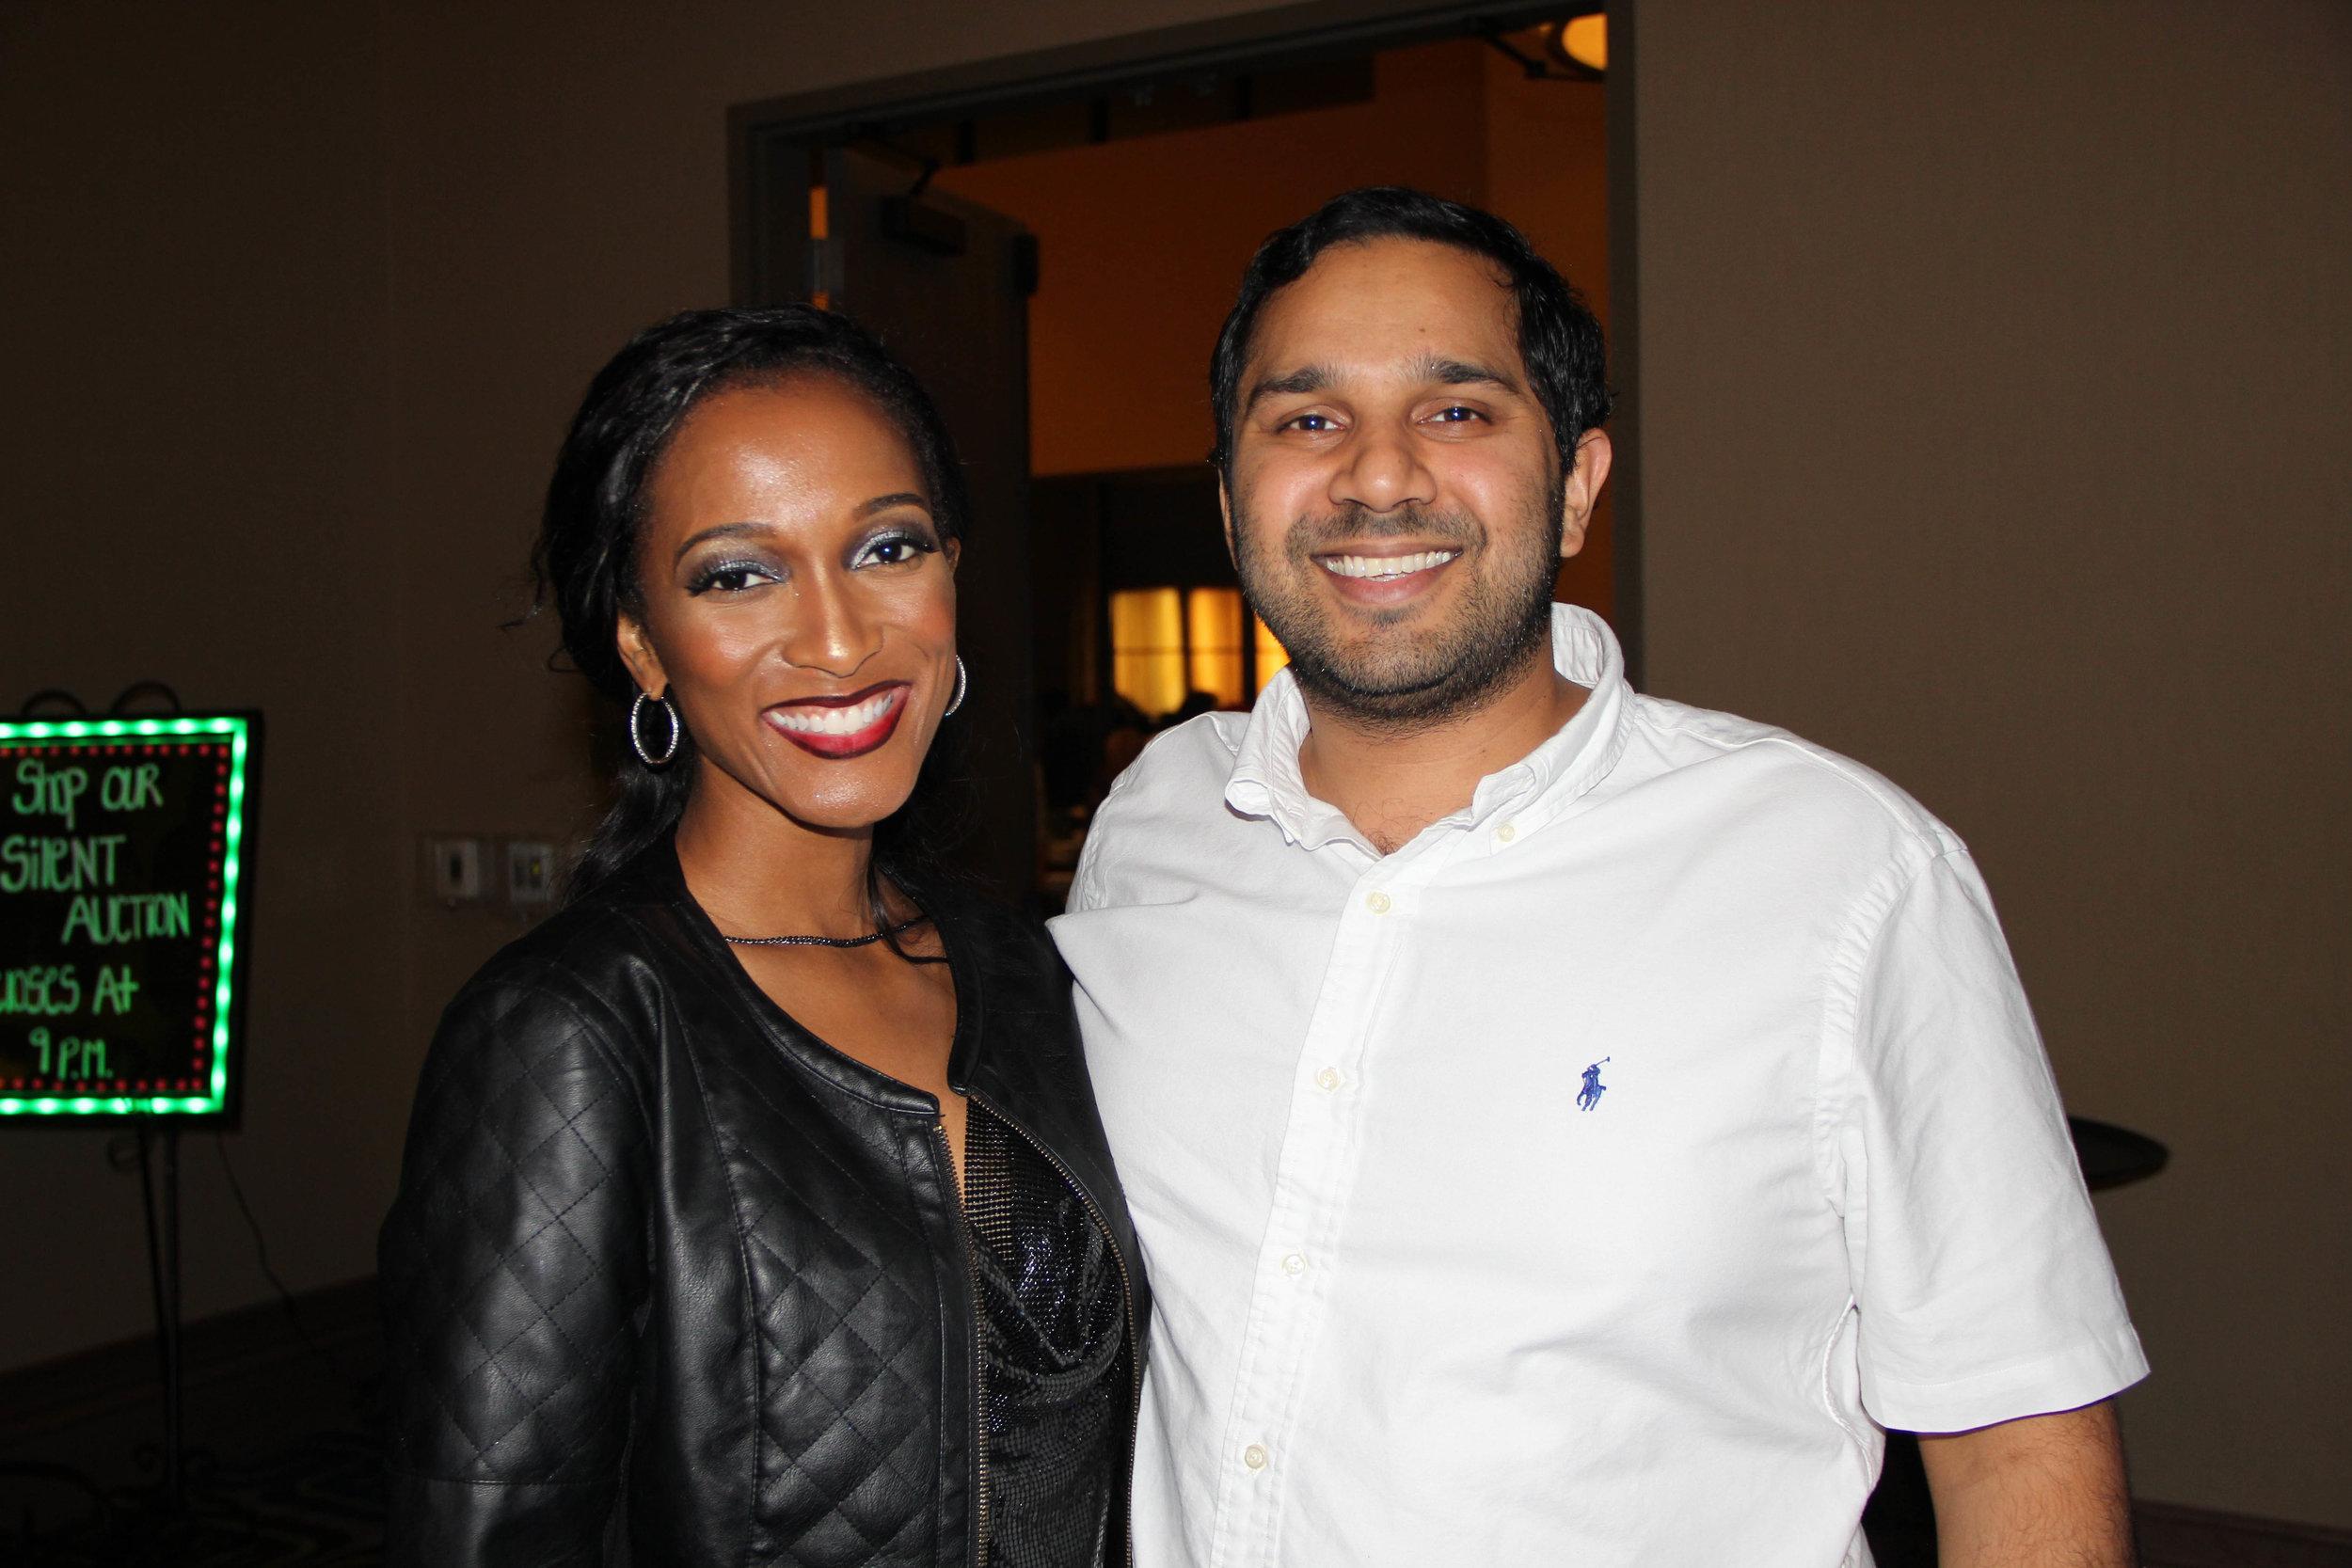 Shambrekia Wise and Dr. Omar Ishaq